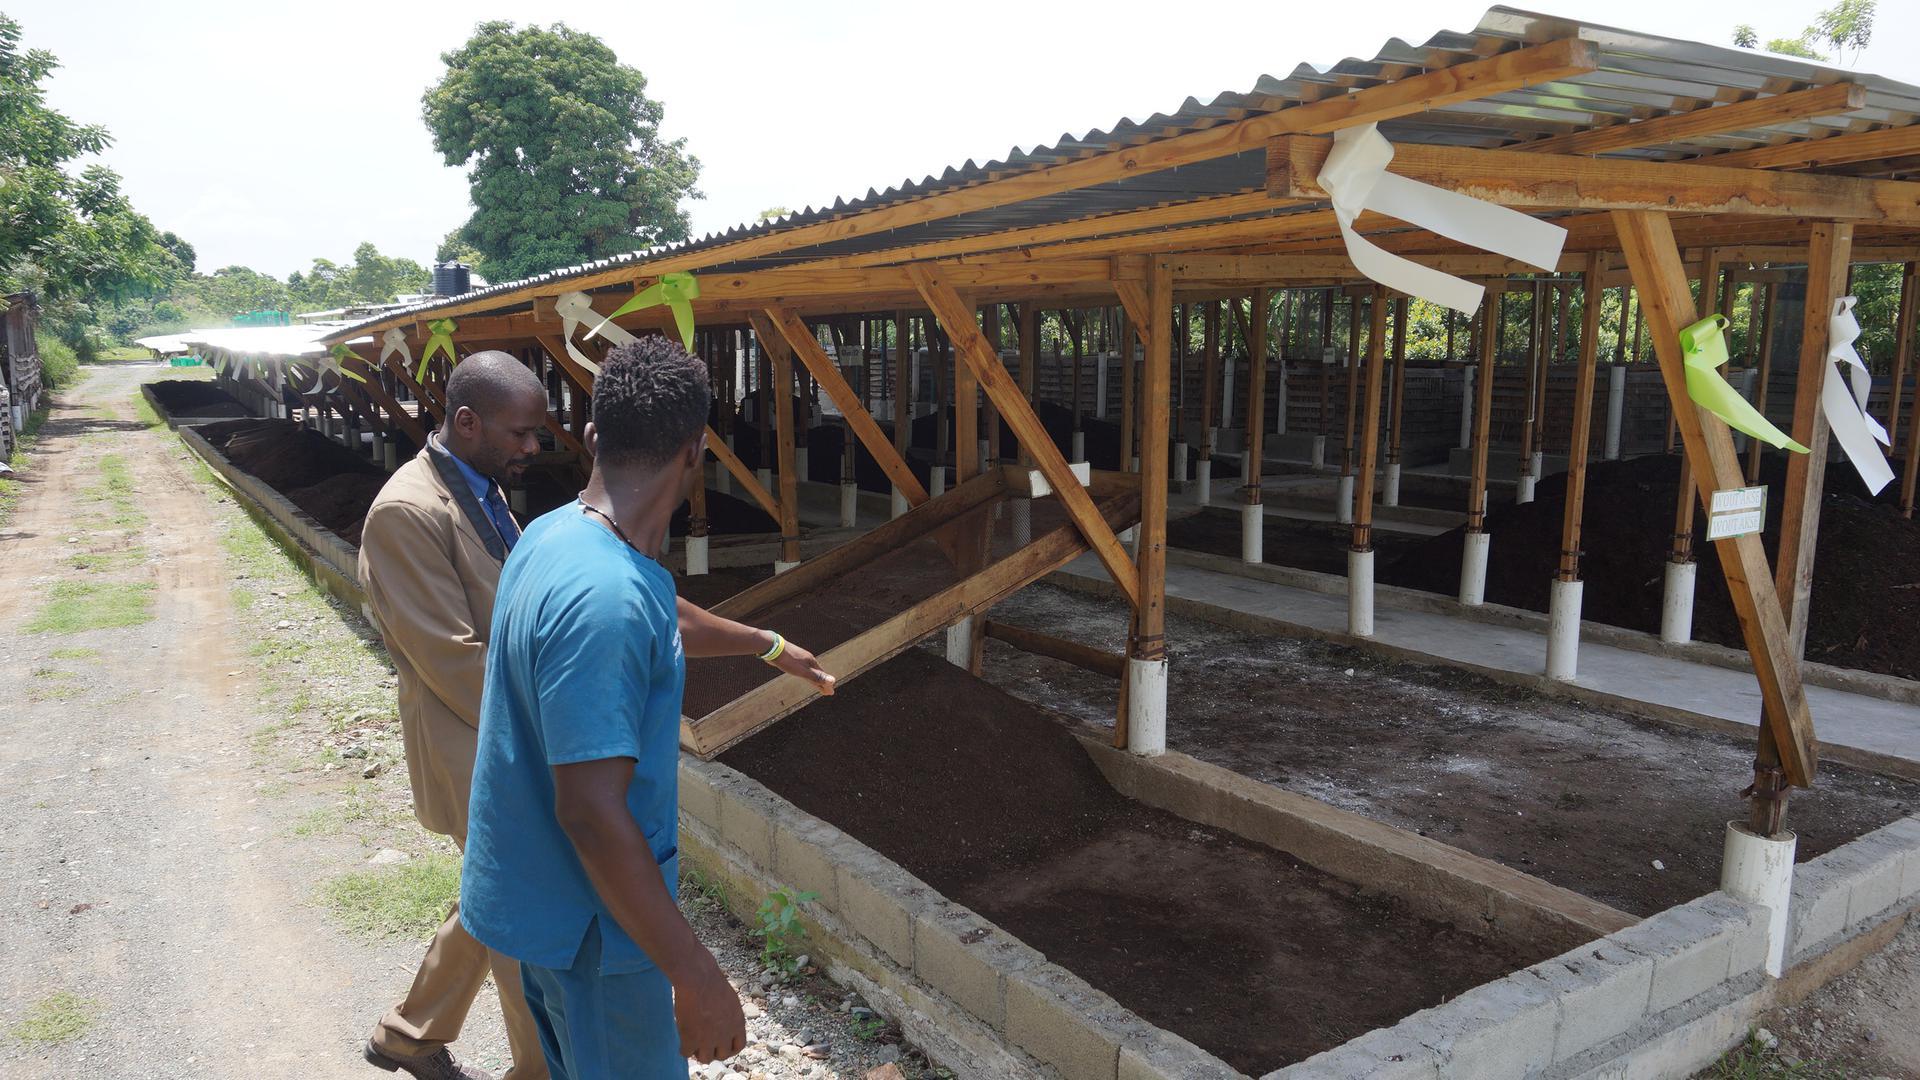 Um den Hunger im Land zu bekämpfen, wurde ein Agrarprojekt ins Leben gerufen.